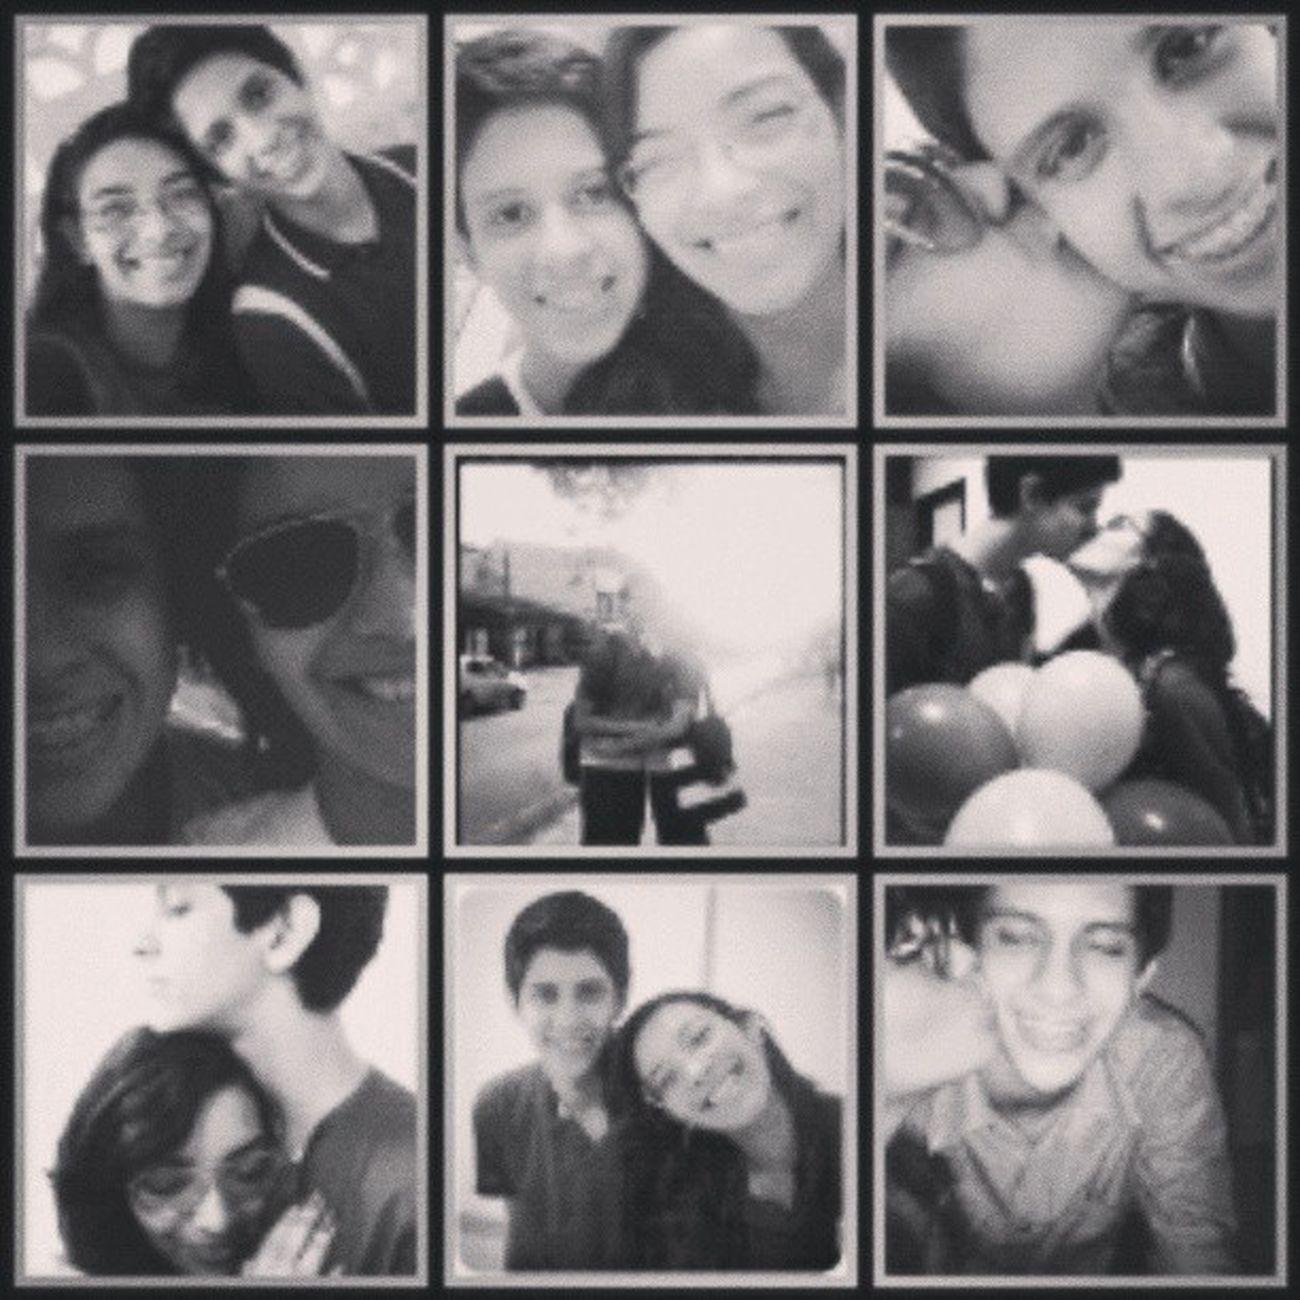 @bruno_jose, eu amo você, simplesmente por ser você, por ser nós.. Obrigada por fazer parte da minha, da nossa, história, por me aturar das sete da manhã às dez da noite, por ser um anjo chato, lindo, carinhoso, pateta, amigo e tudo o que você é.. S2 Love